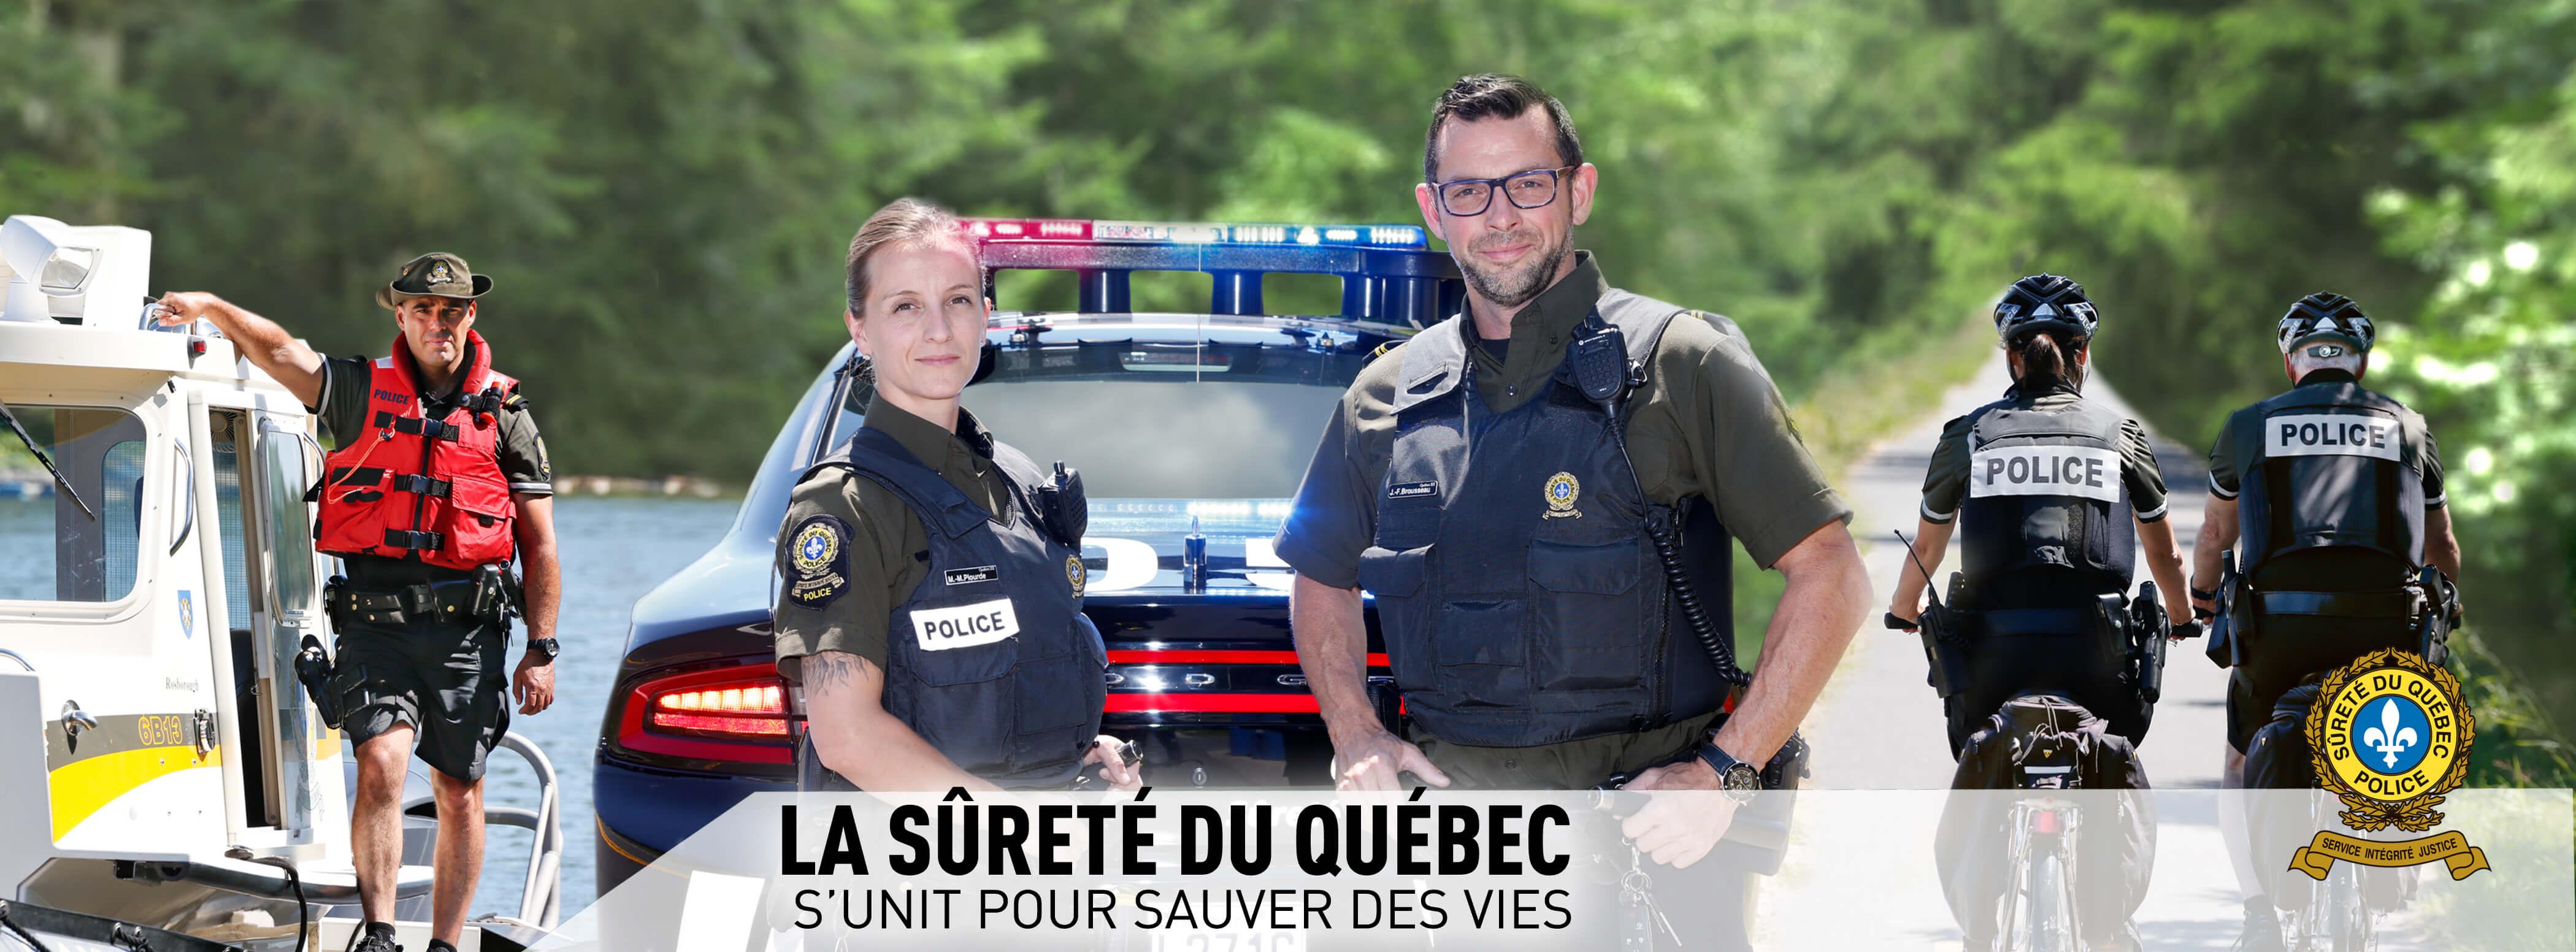 Sûreté du Québec périodes de vacances estivales